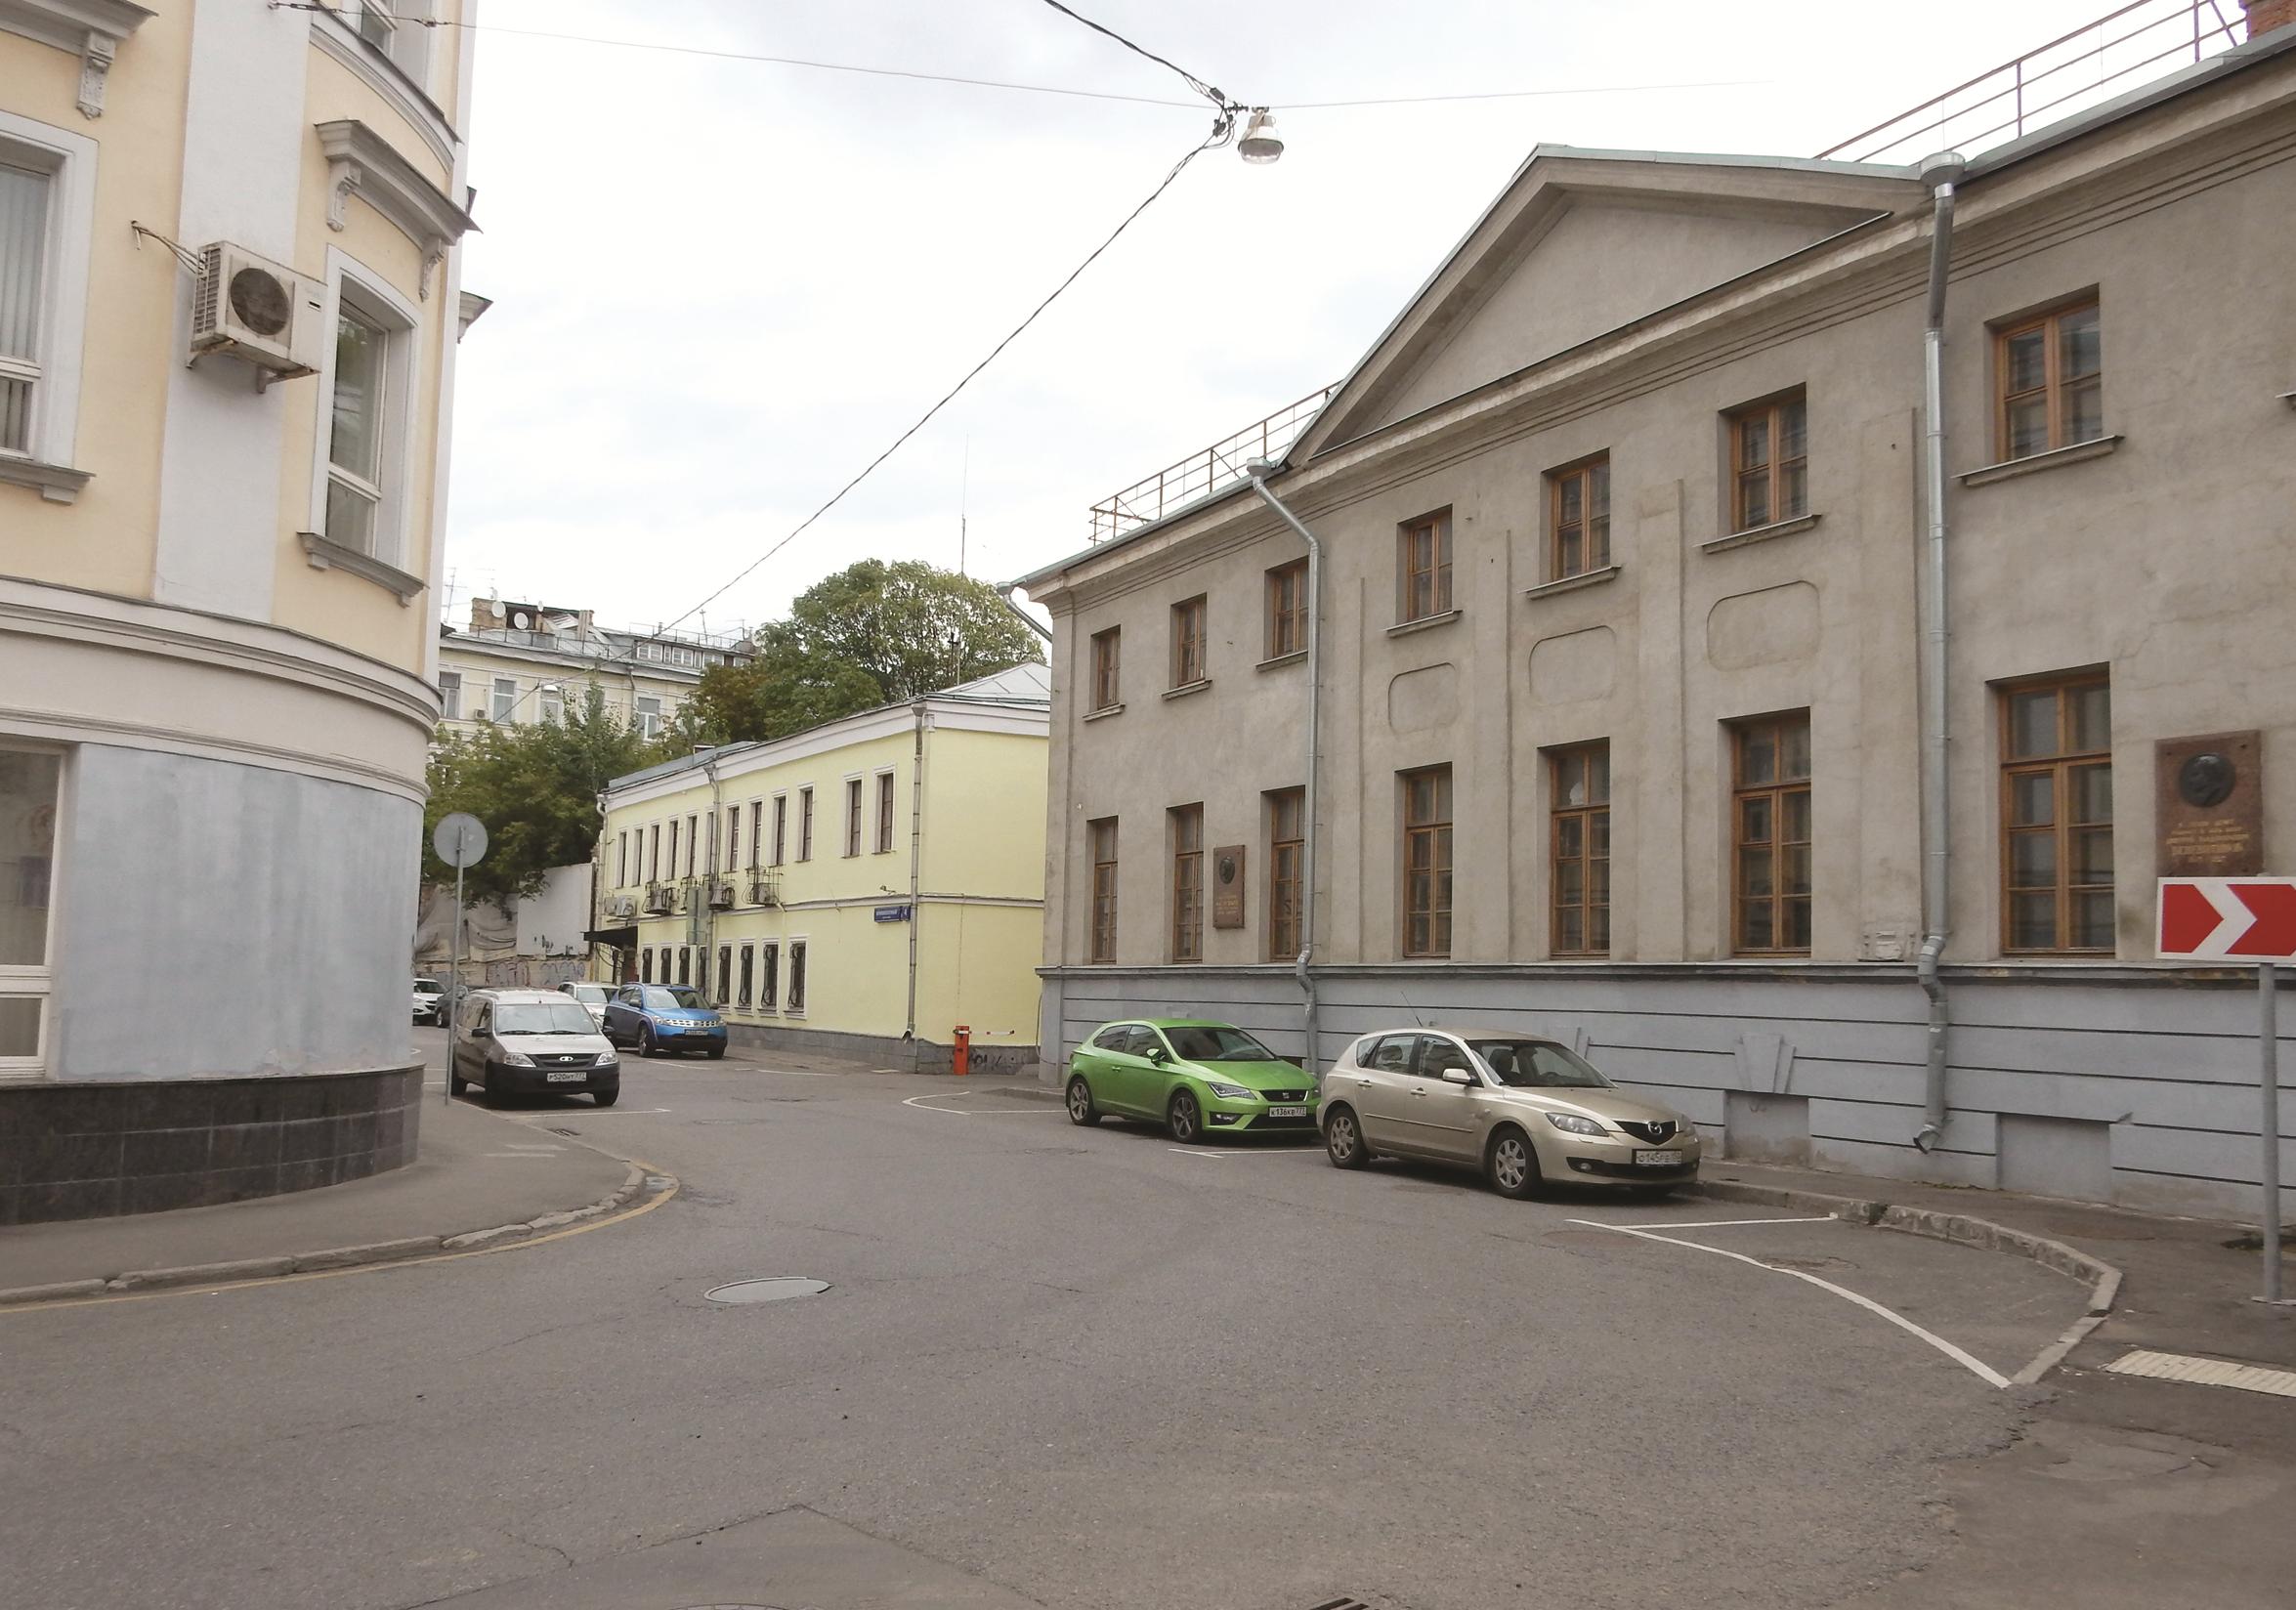 Заброшенный памятник московской старины